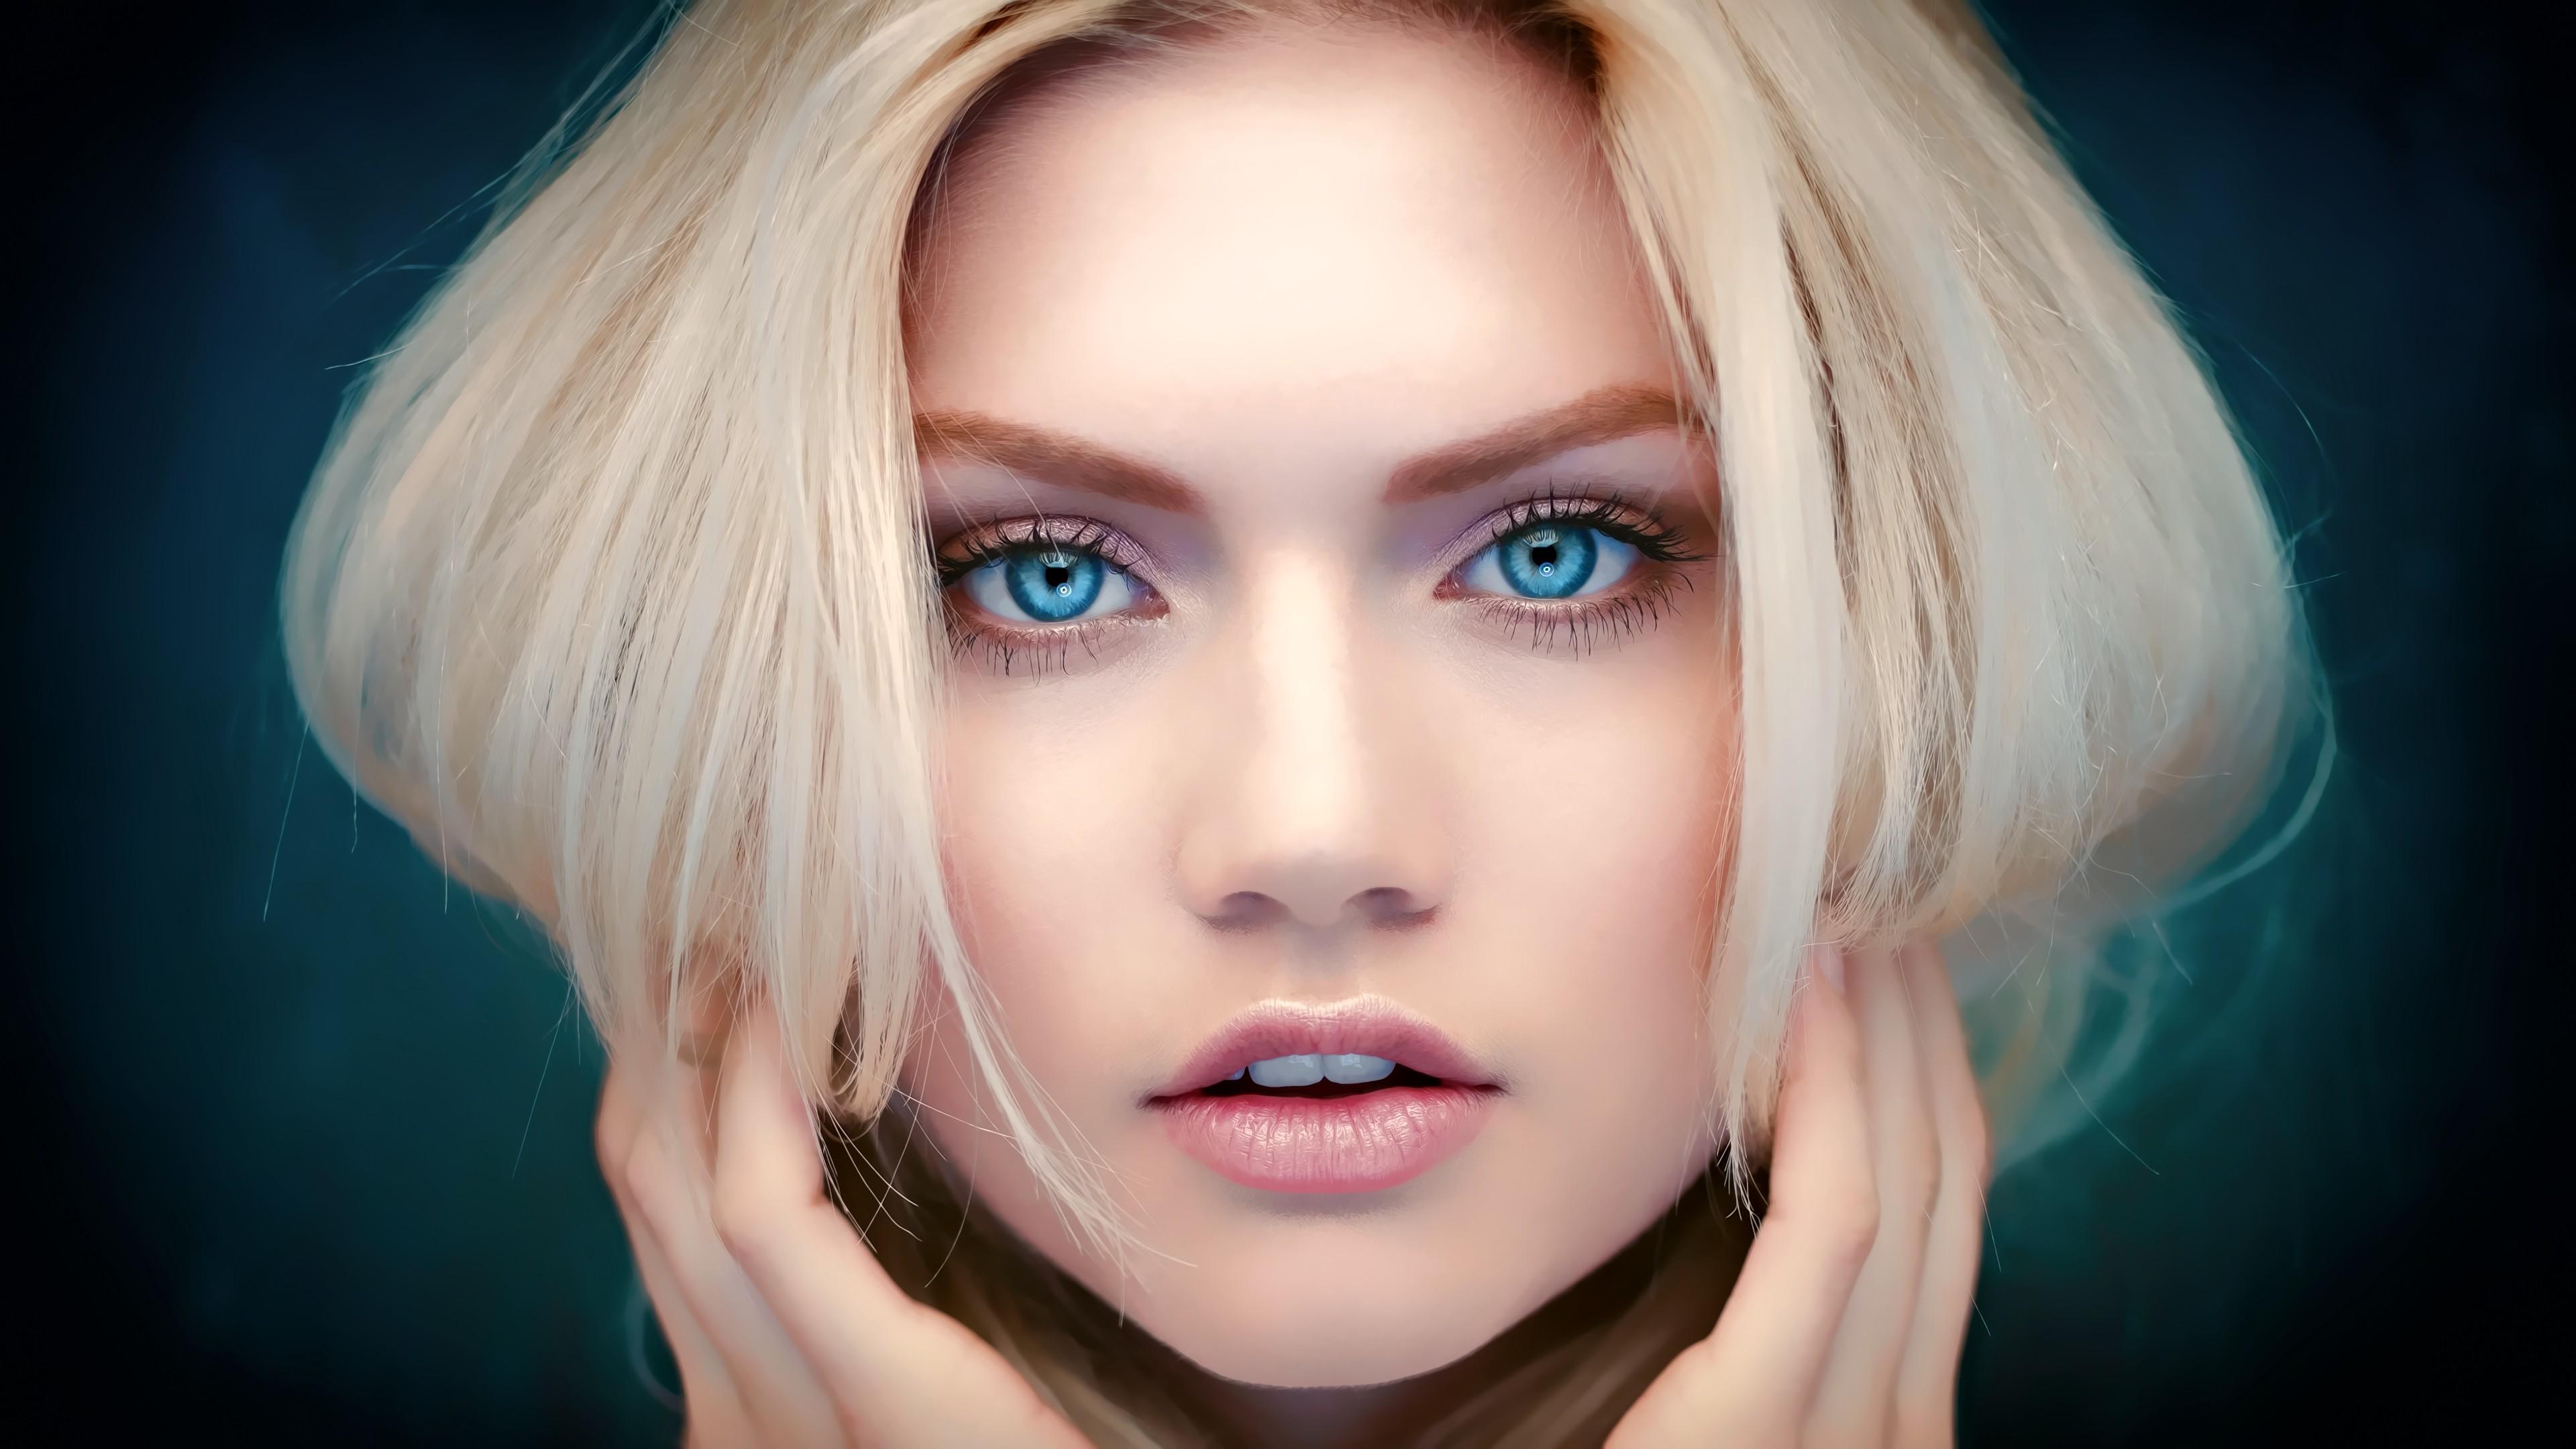 великолепная девушка с яркими глазами без регистрации